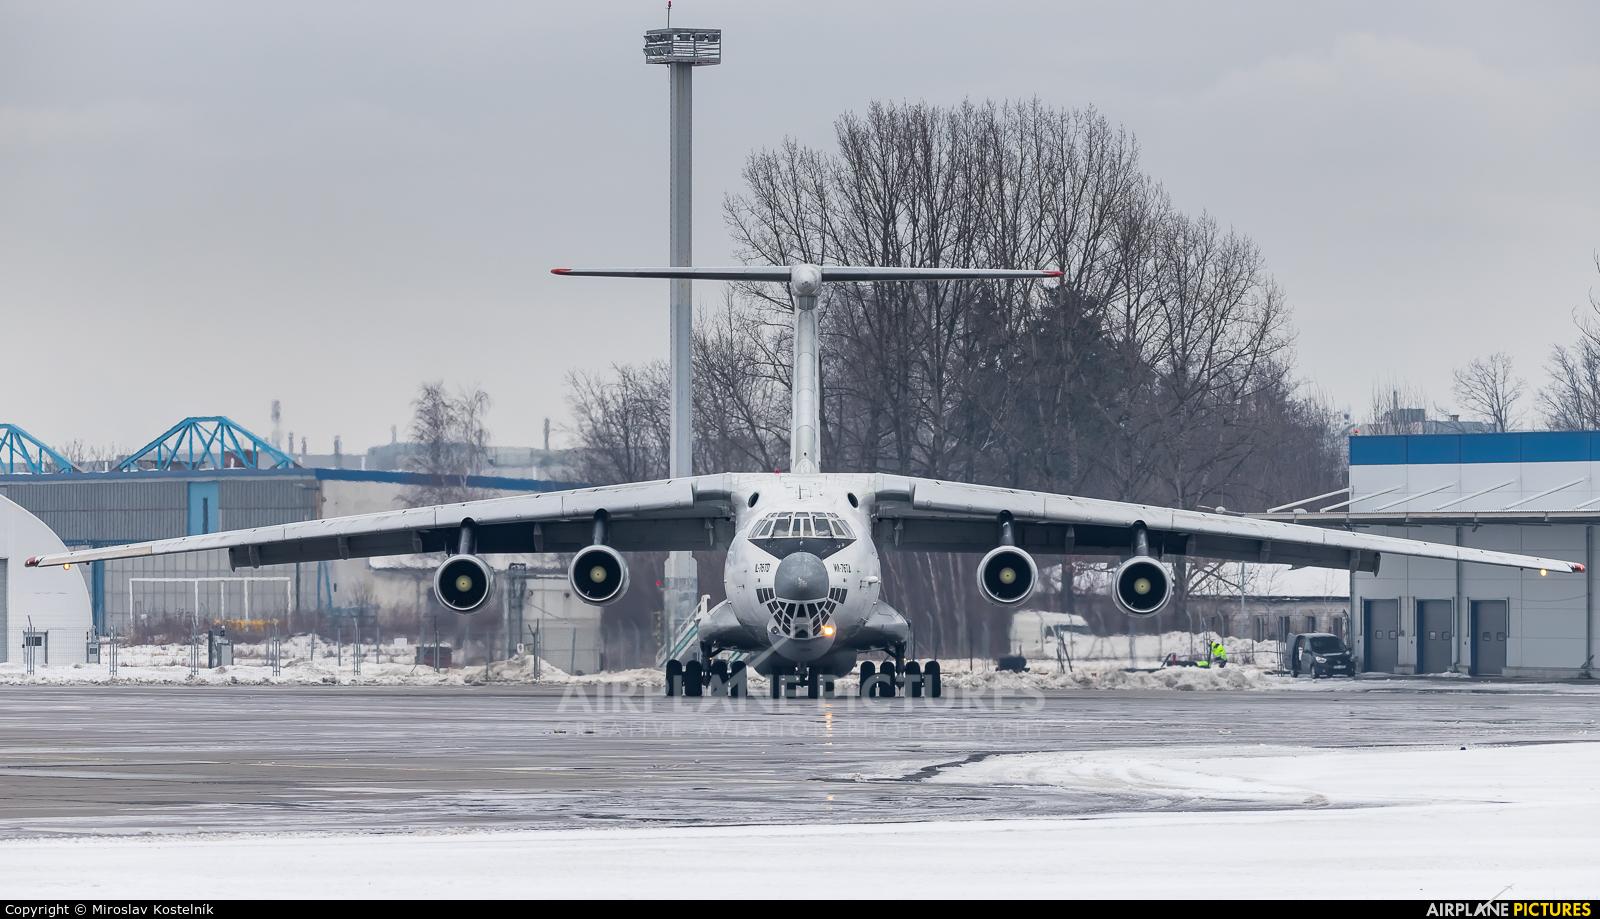 Aviacon Zitotrans RA-76502 aircraft at Ostrava Mošnov